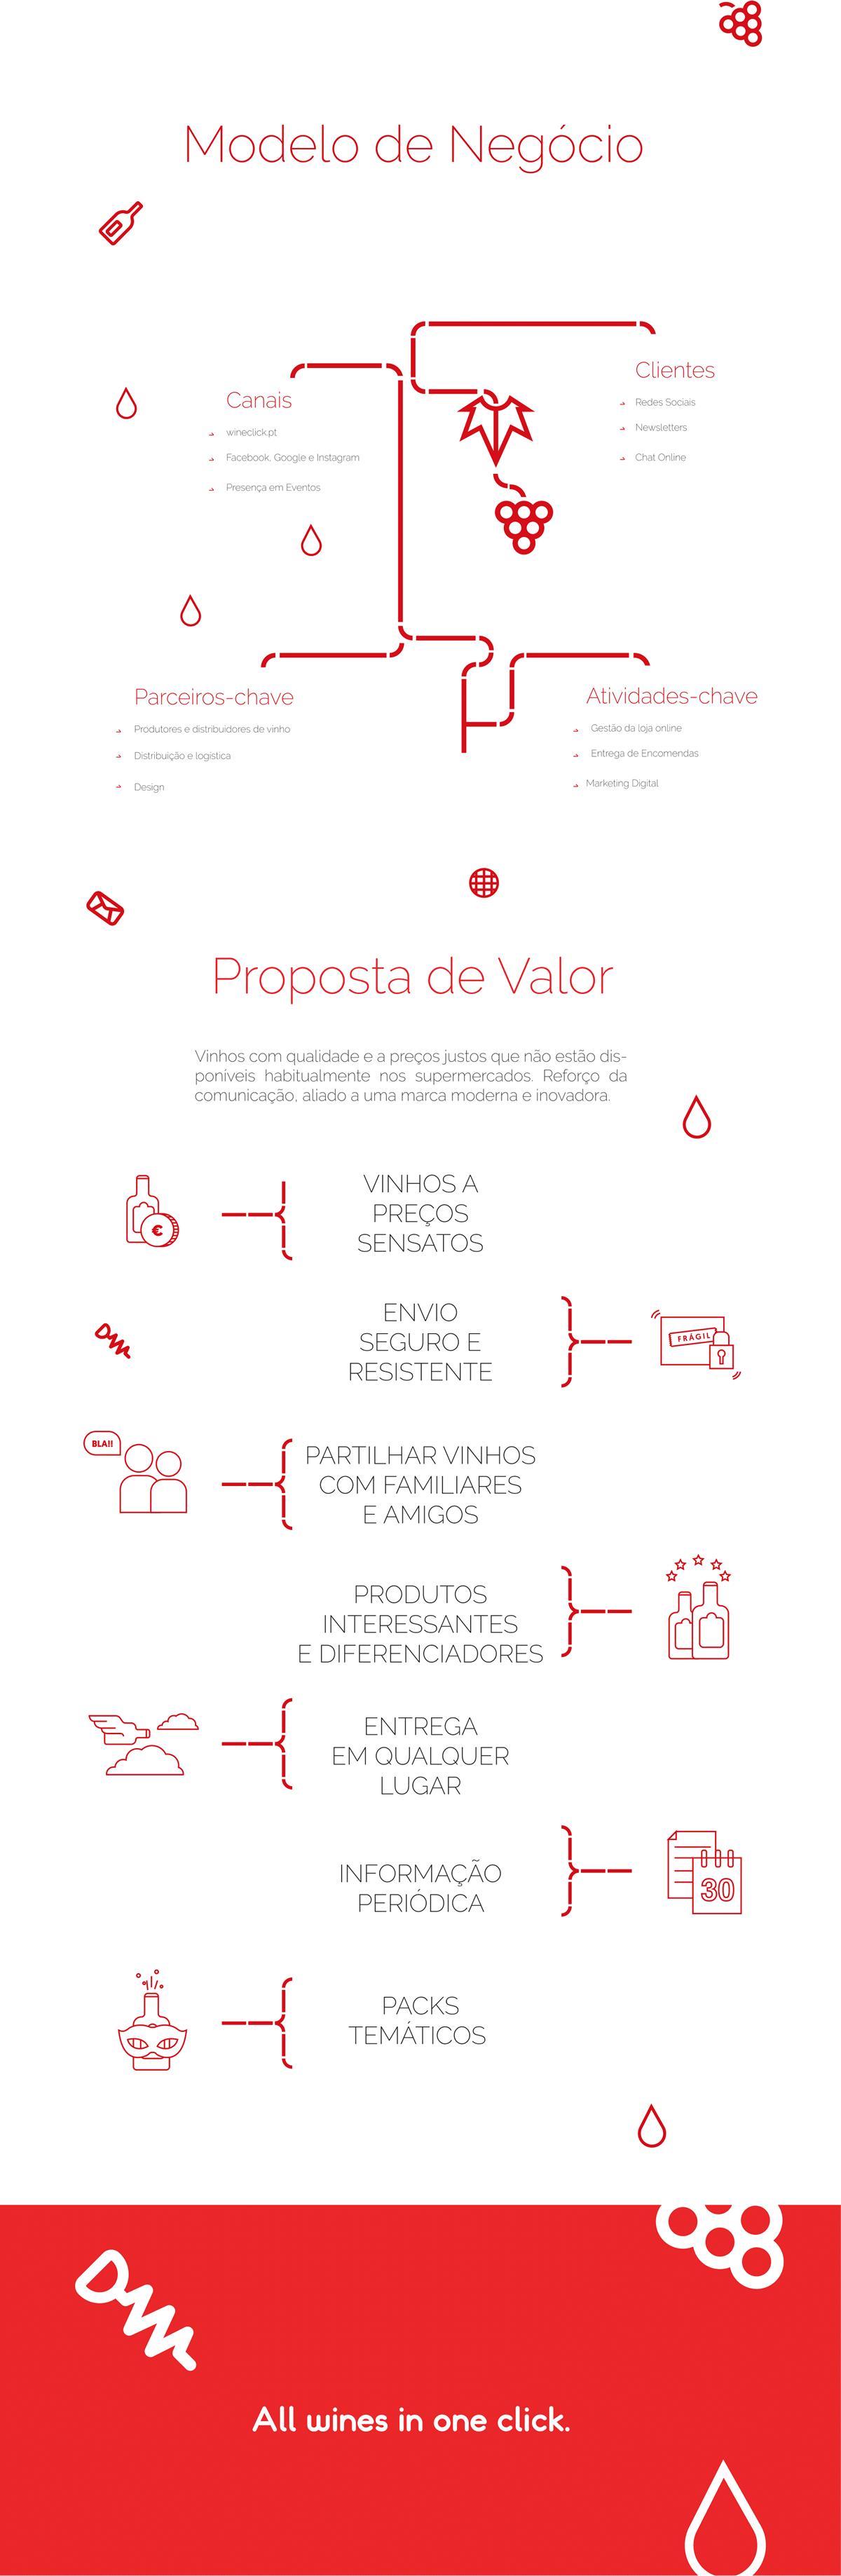 Modelo de Negócio - Proposta de Valor